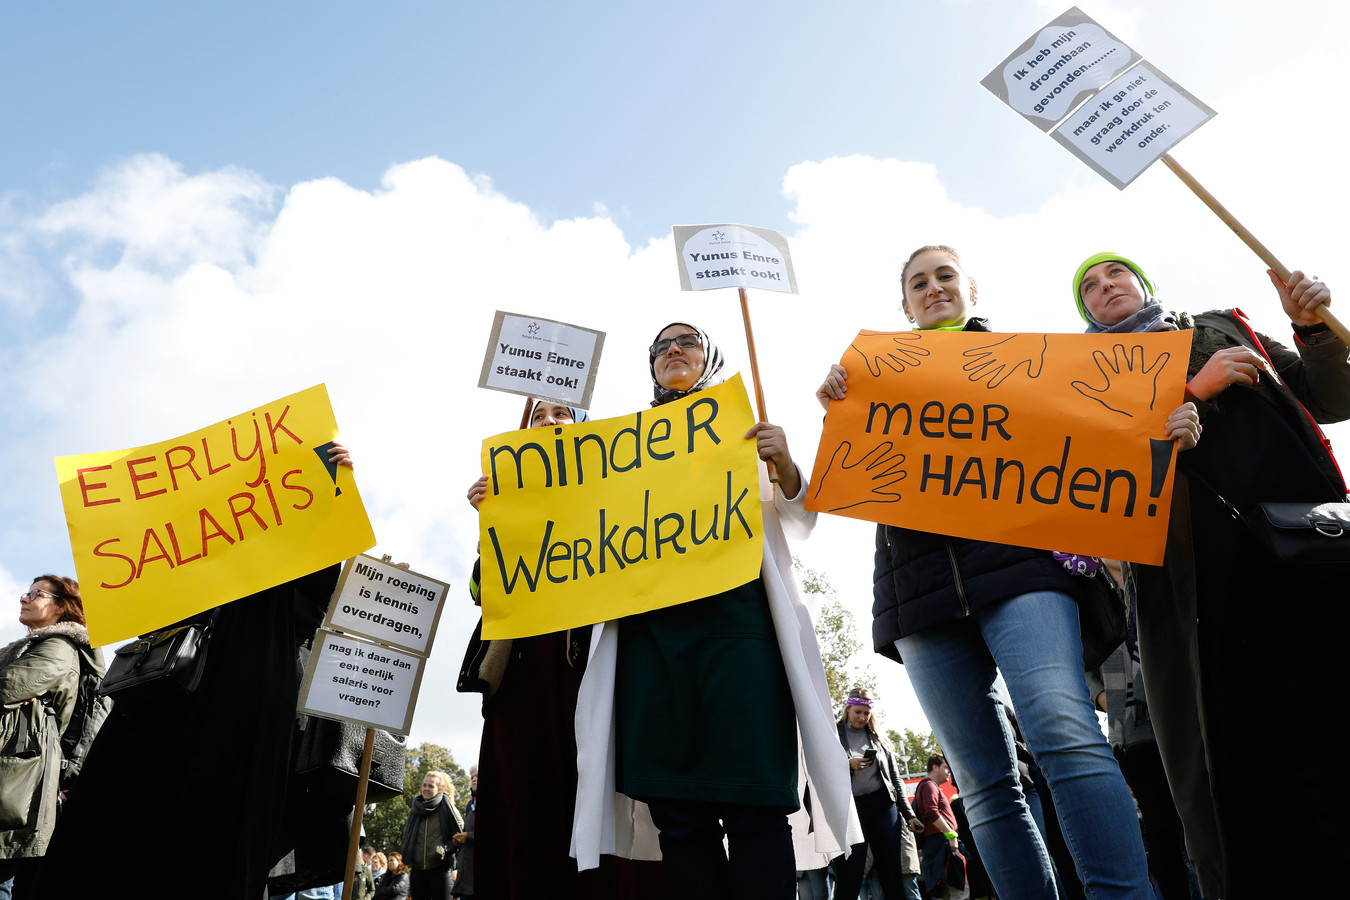 Basisschoolleraren tijdens de protestmanifestatie in het Zuiderpark.